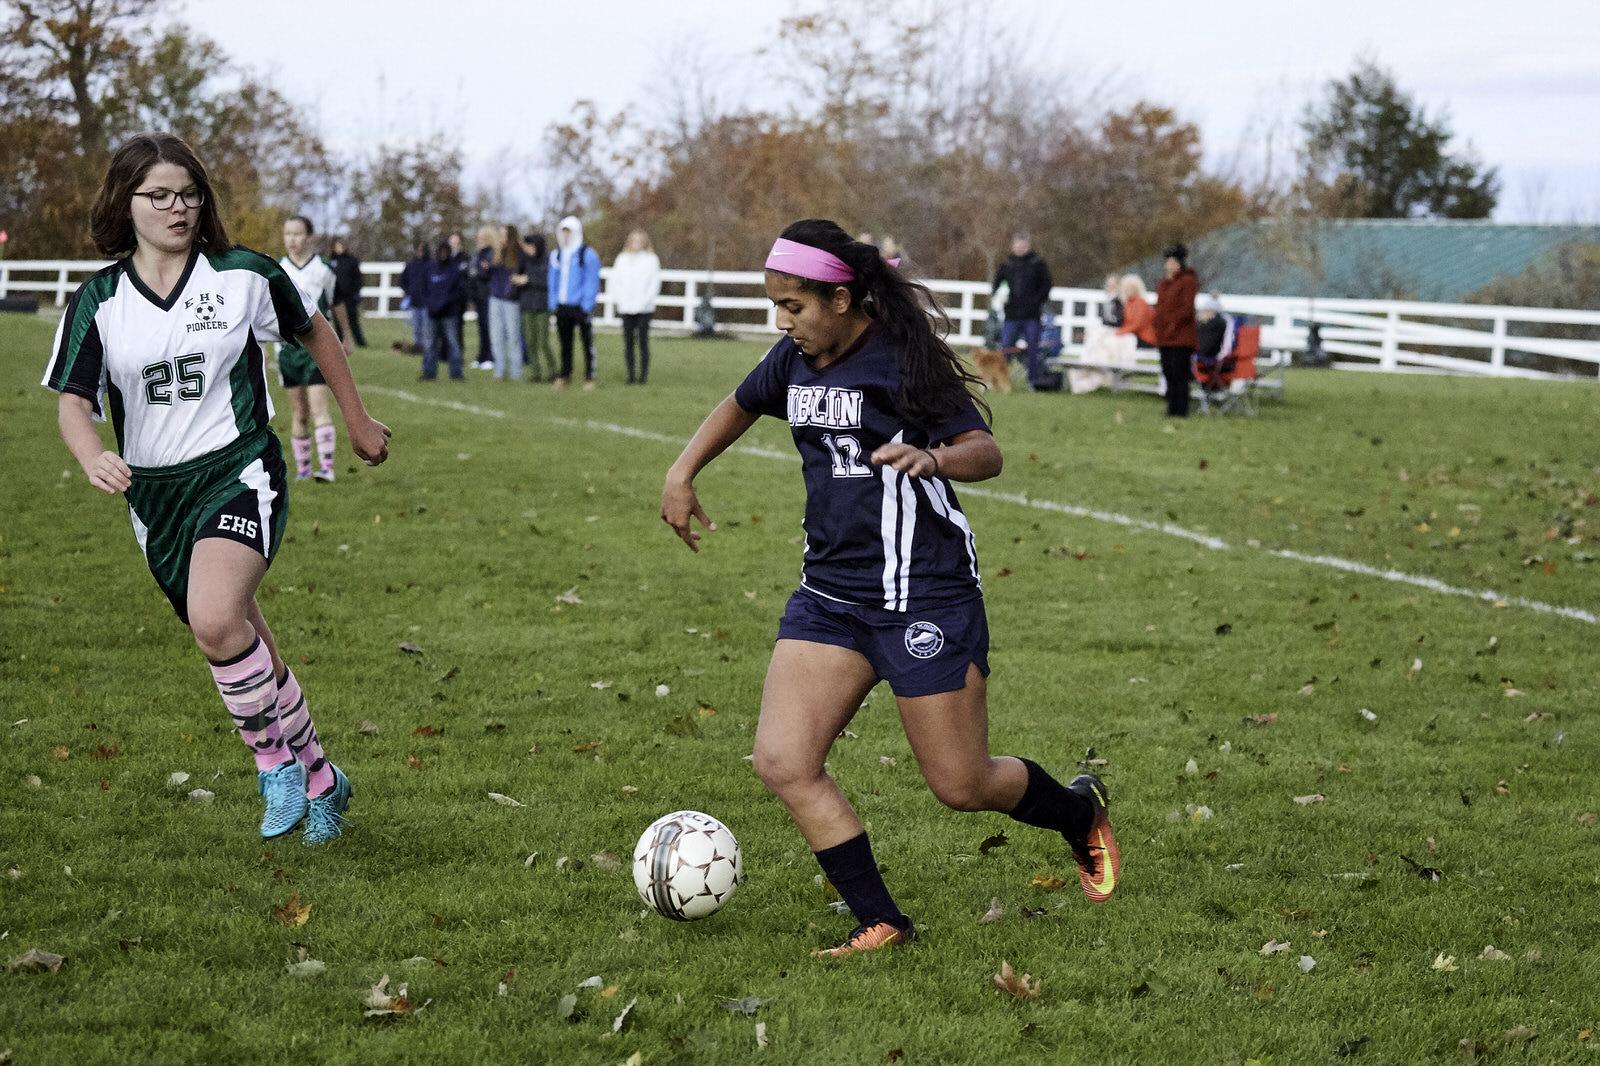 Girls Varsity Soccer vs. Eagle Hill School - October 30, 2018 139515.jpg